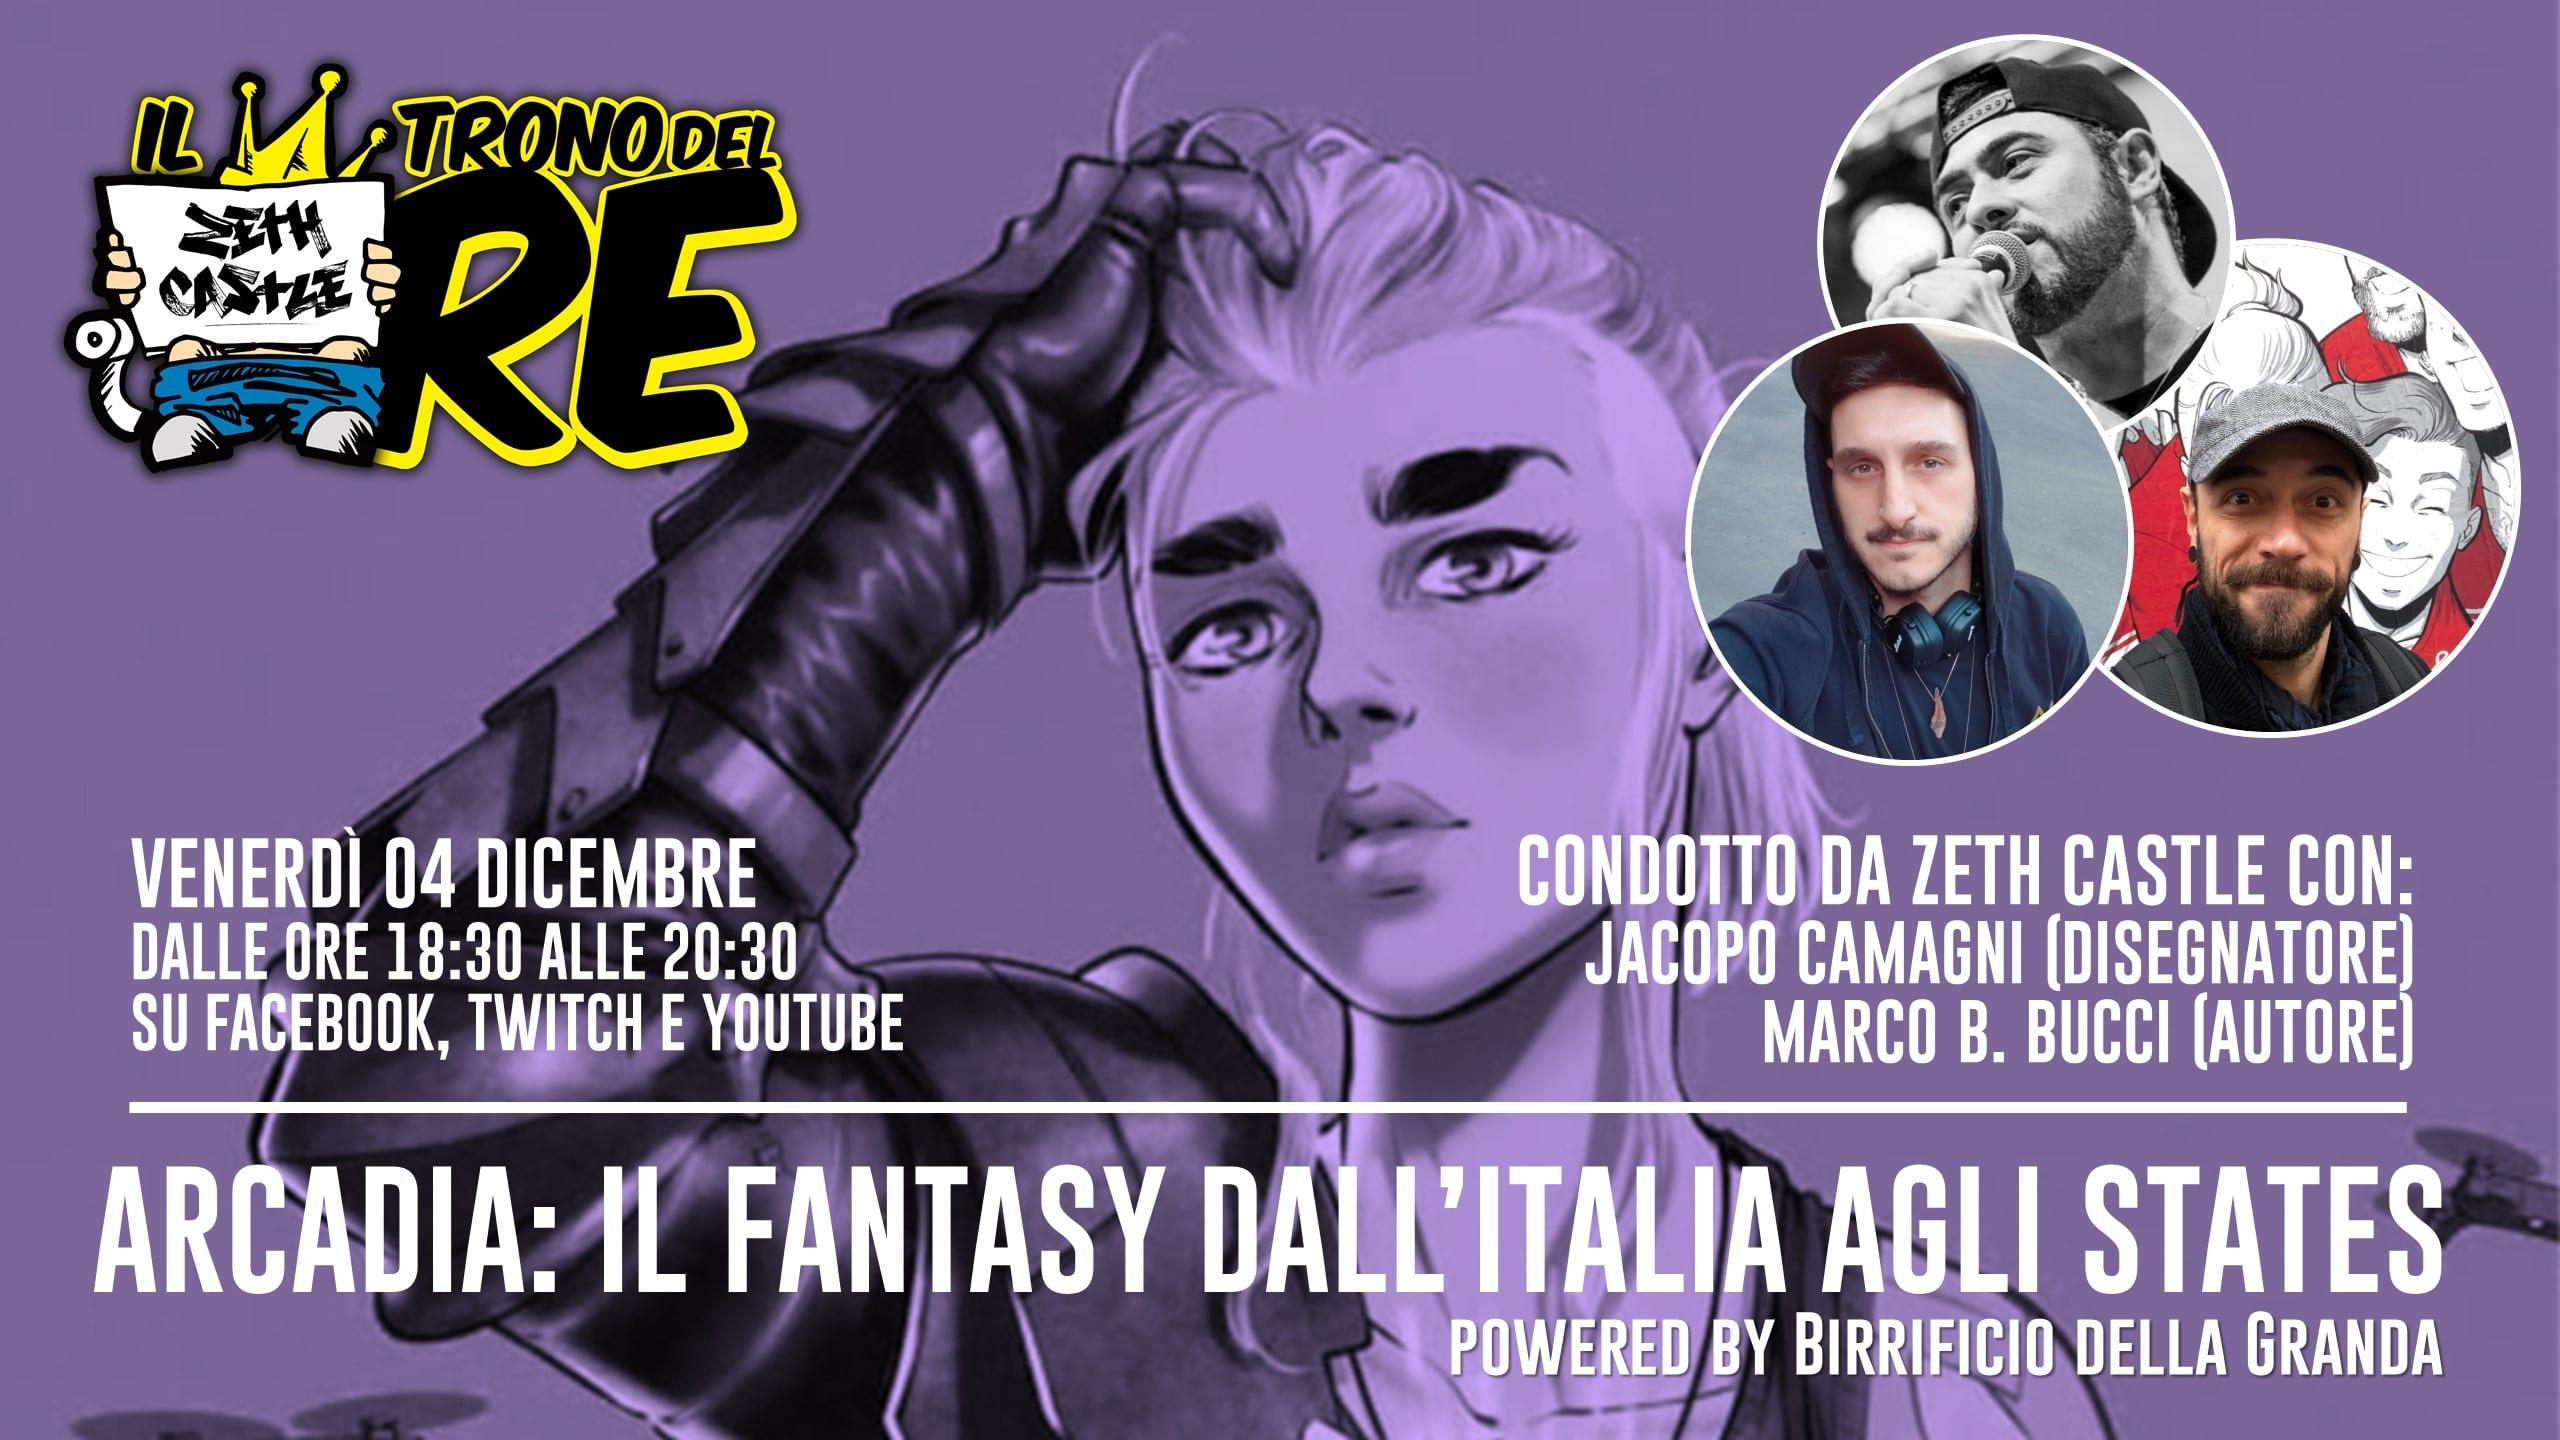 Il Trono del Re: Marco B Bucci e Jacopo Camagni raccontano Nomen Omen e Arcadia, tra fumetto e GDR.